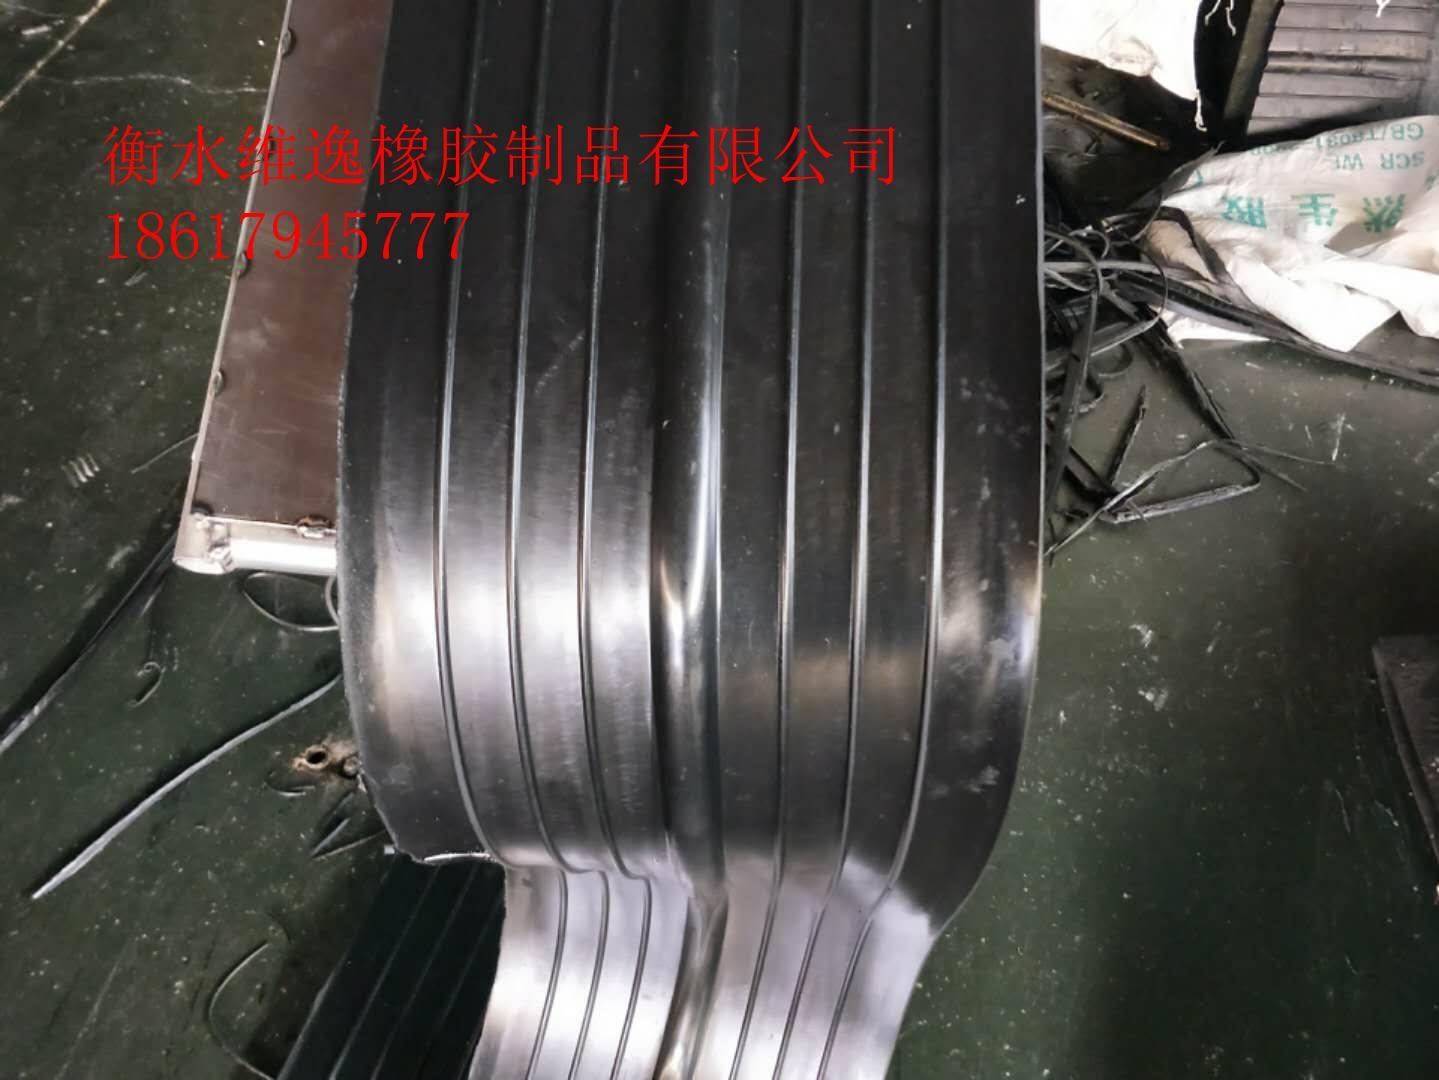 维逸橡胶制品——优质651型橡胶止水带供应商,江苏651型橡胶止水带价格